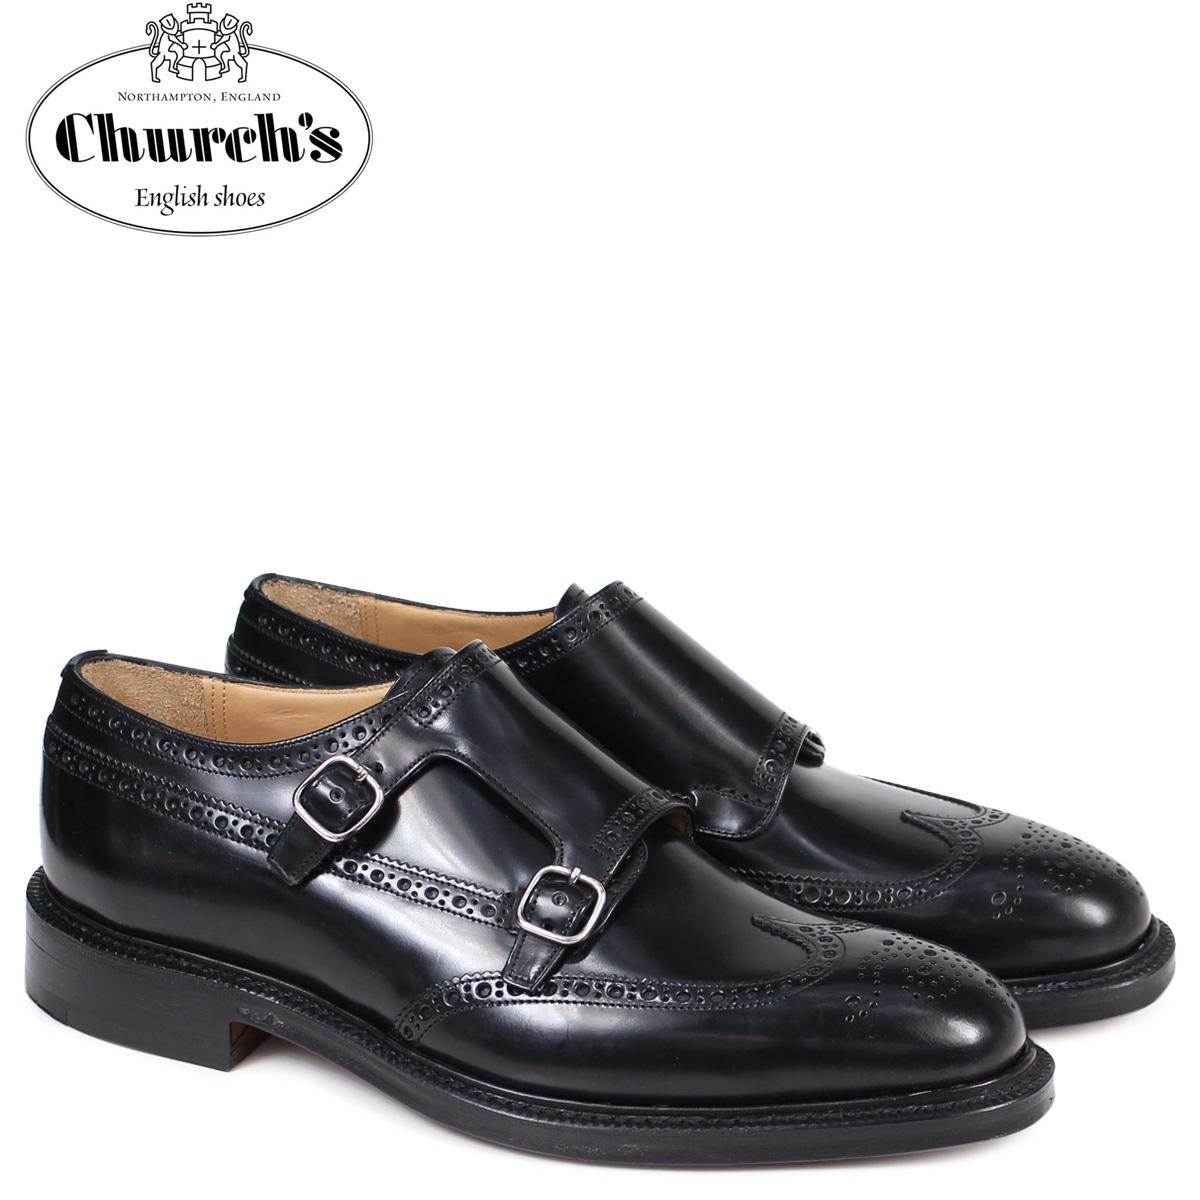 チャーチ Church's 靴 ダブルモンクストラップ シューズ メンズ MONKTON レザー ブラック EOB008